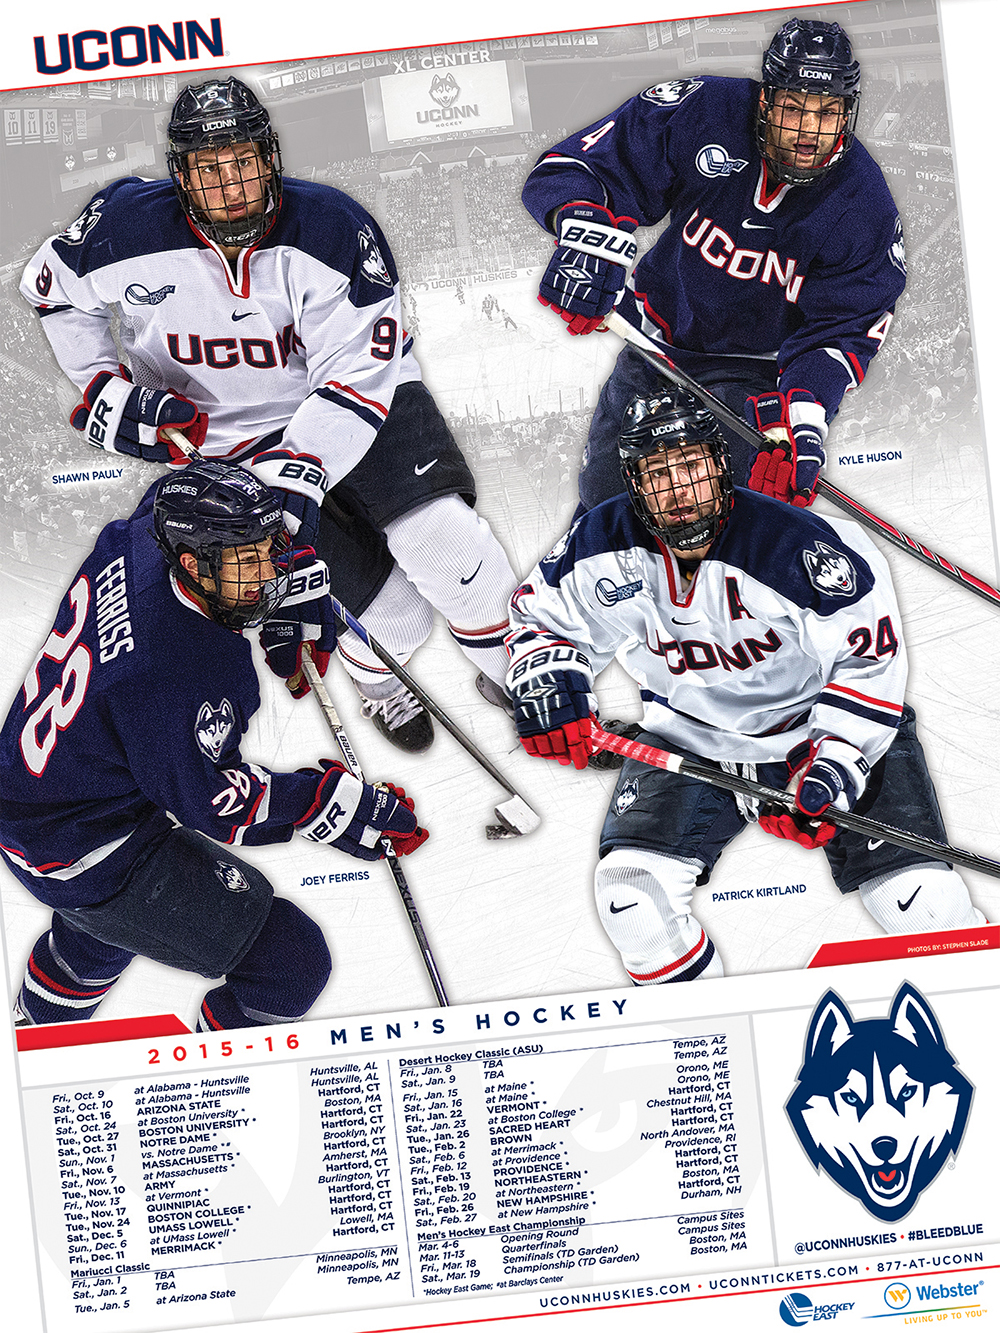 UCONN_2015_Hockey_Poster.jpg